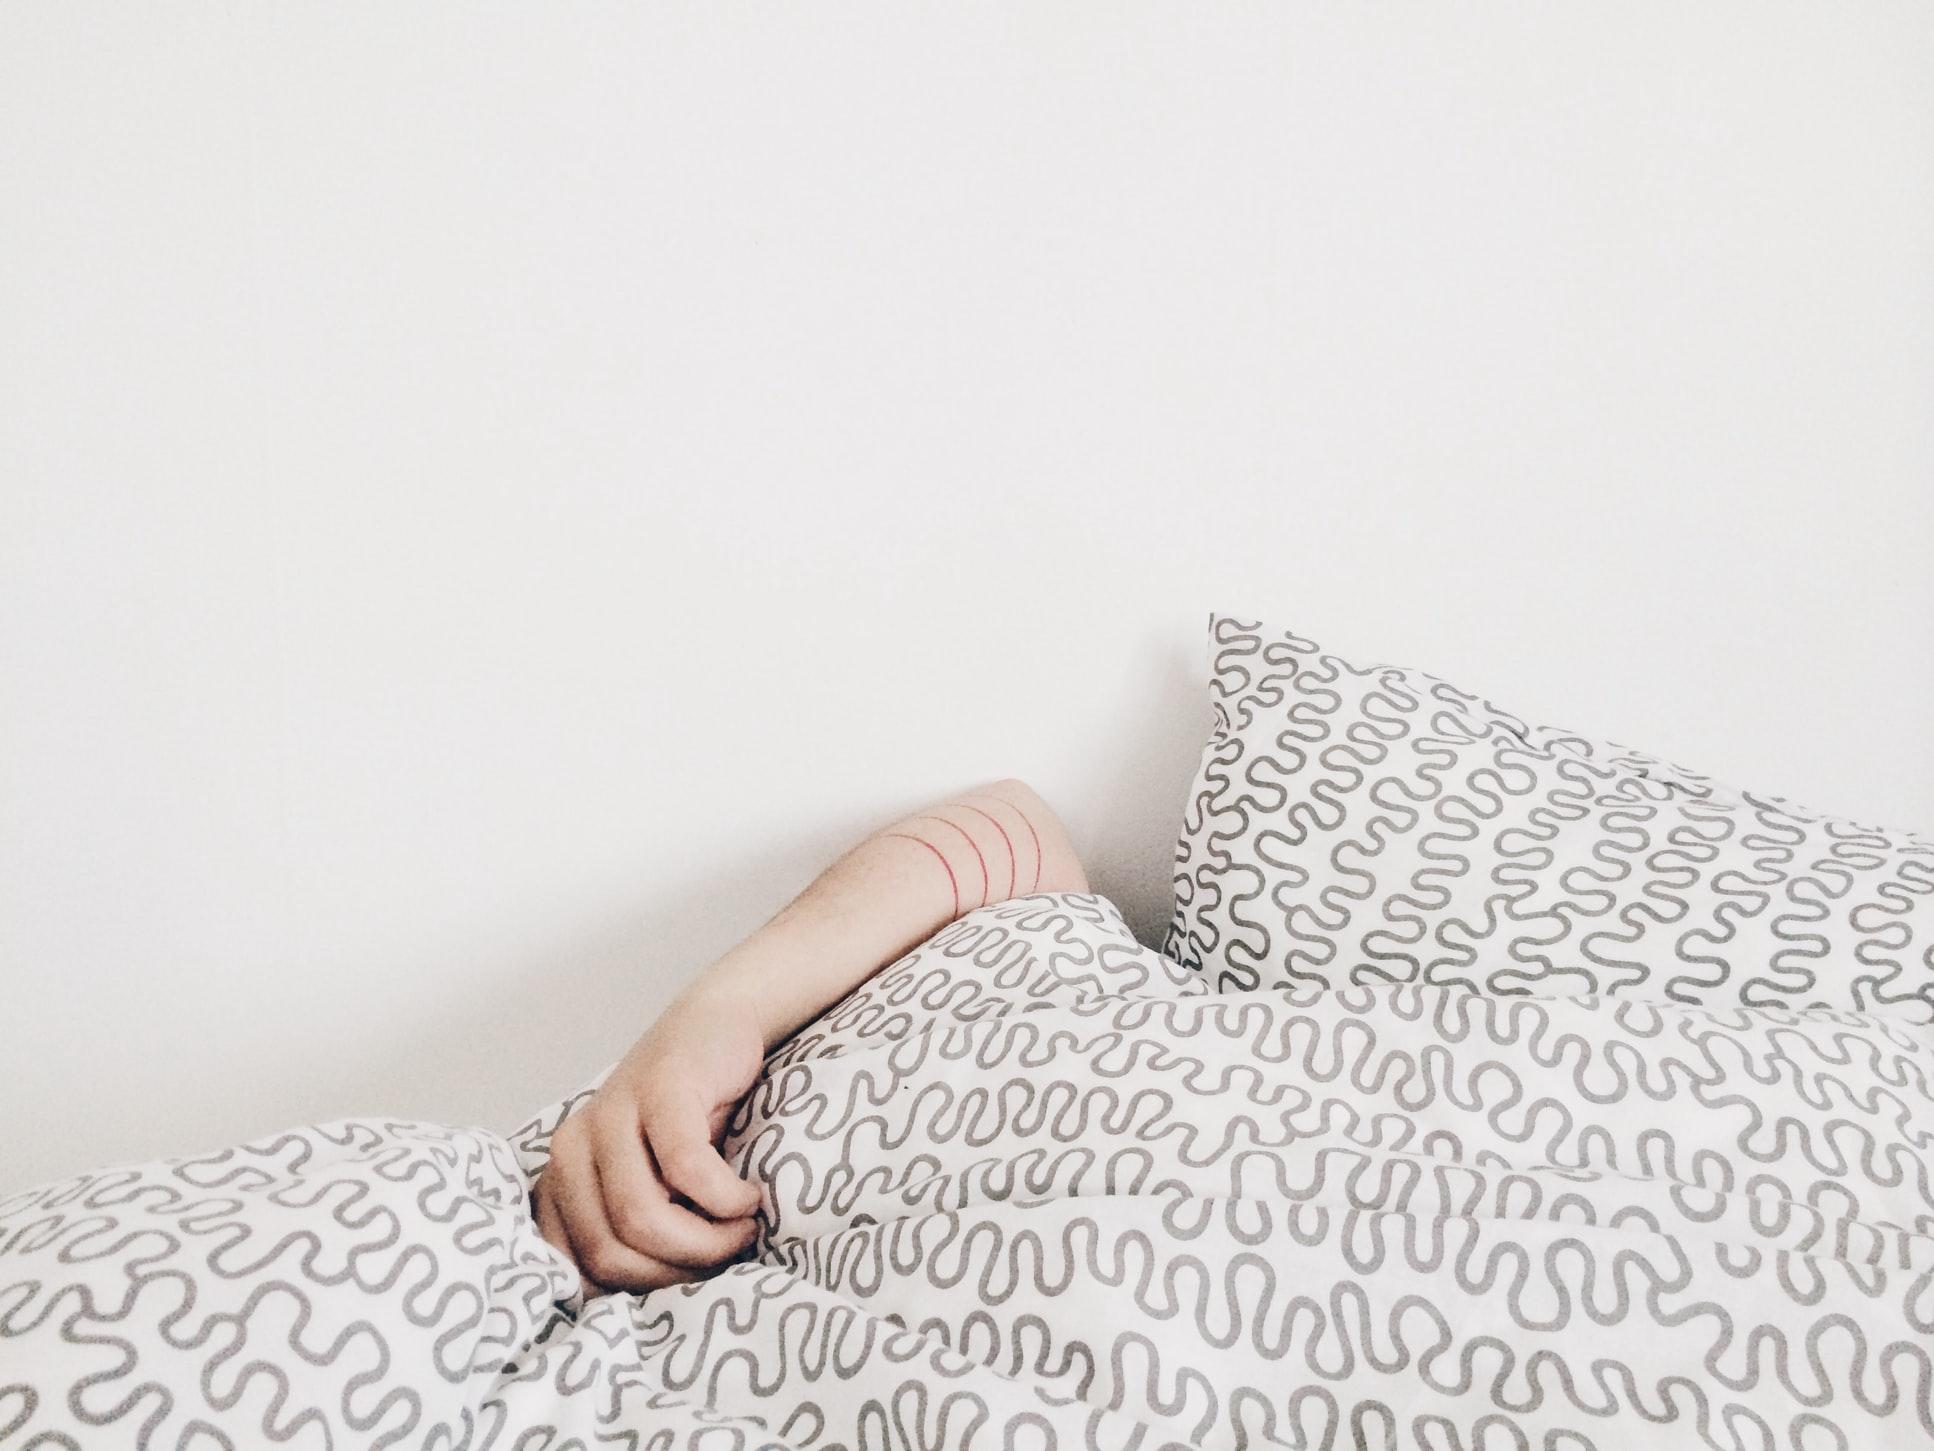 Comment bien dormir - Connaître ses besoins